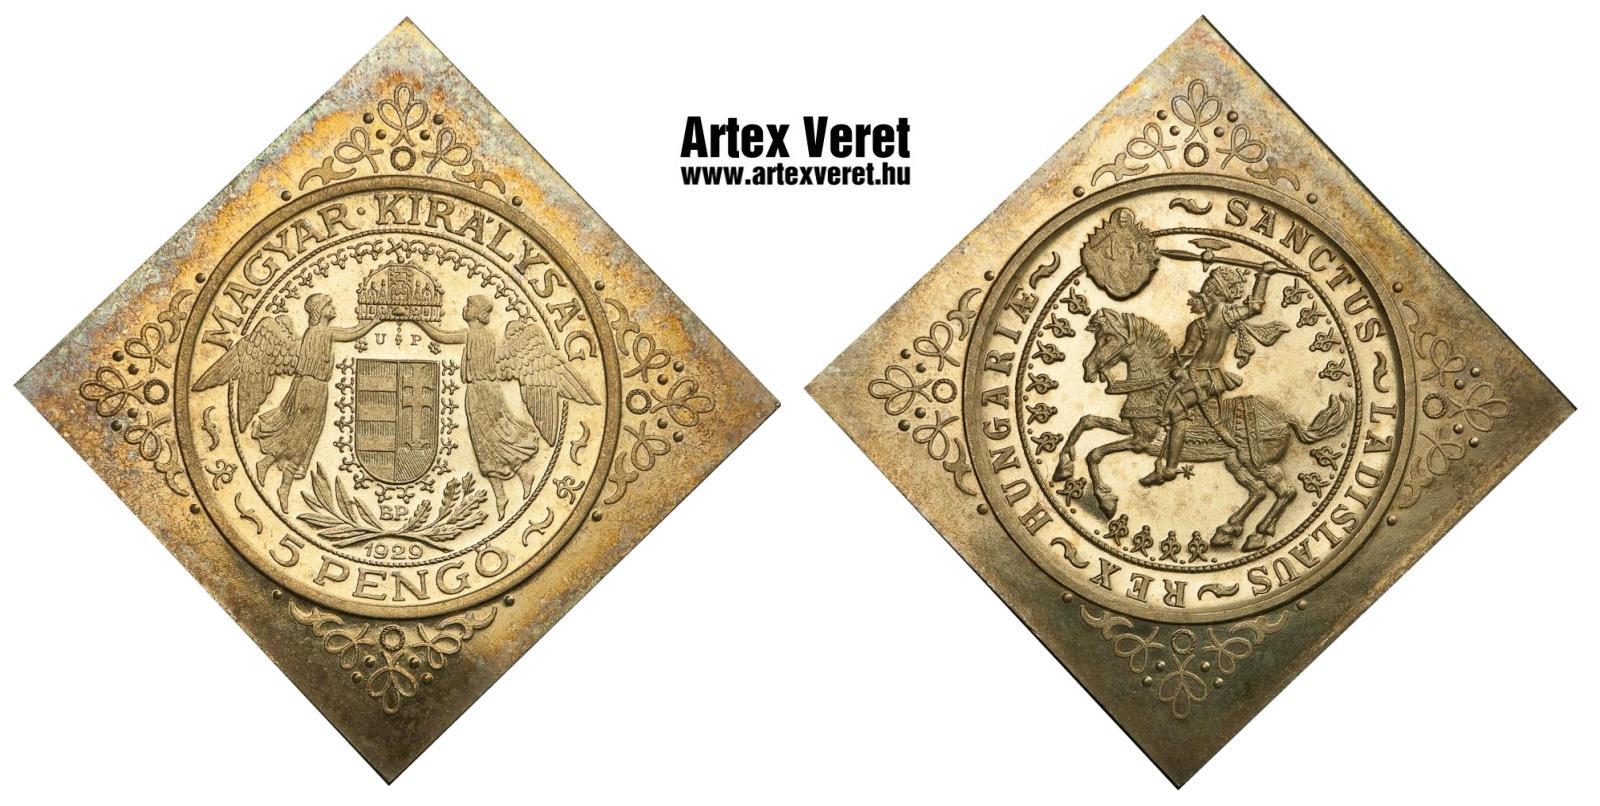 http://www.artexveret.hu/csegely/www_artexveret_hu_ezust_lovas-szent-laszlo_1929_up_csegely_5_pengo.jpg